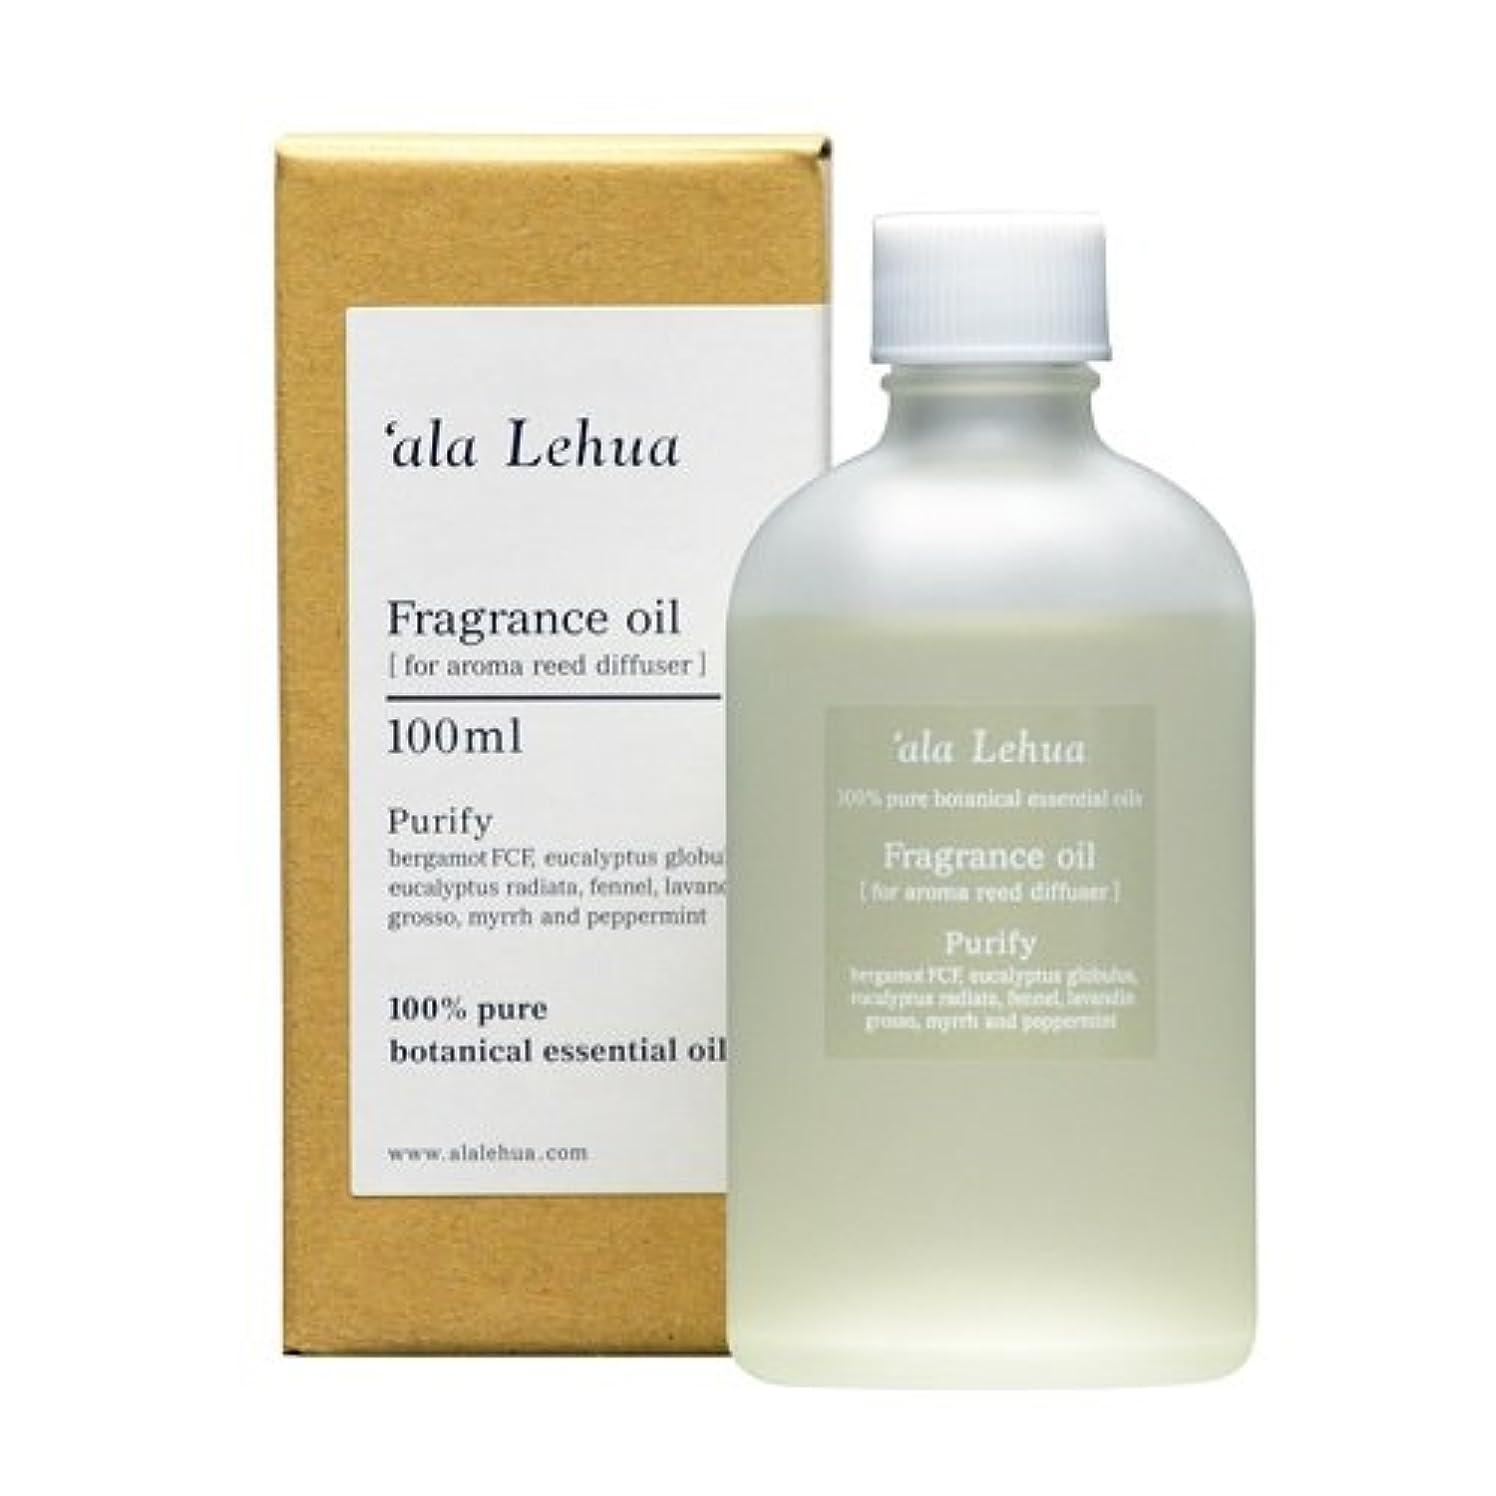 追加する喜びアライアンスフレーバーライフ(Flavor Life) `ala Lehua (アラレフア) アロマリードディフューザー フレグランスオイル 100ml purify(ピュリファイ)